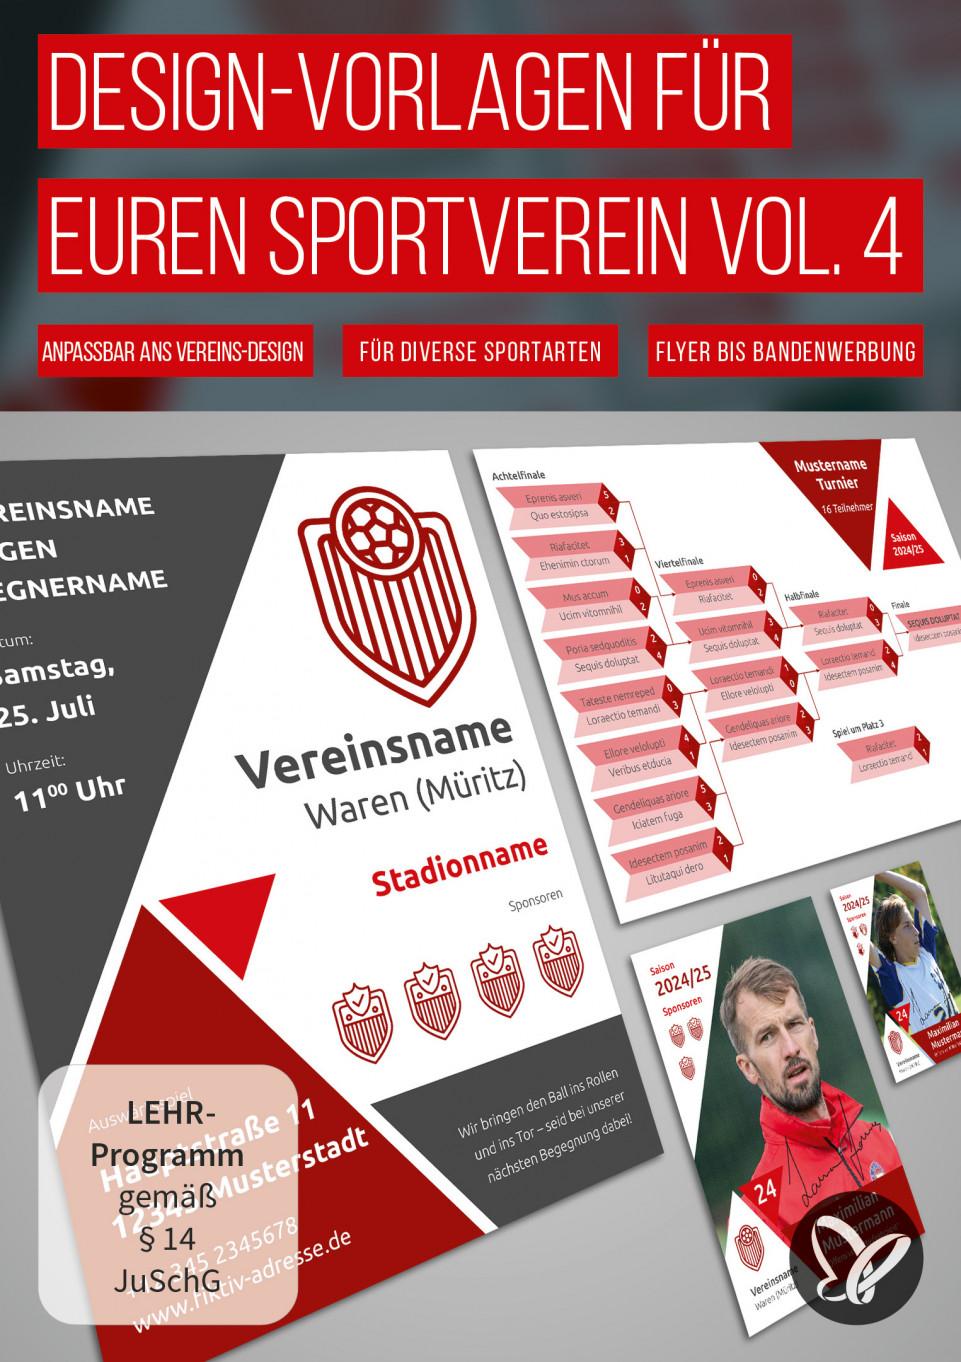 Design-Vorlagen für euren Sportverein – Komplettausstattung Vol. 4